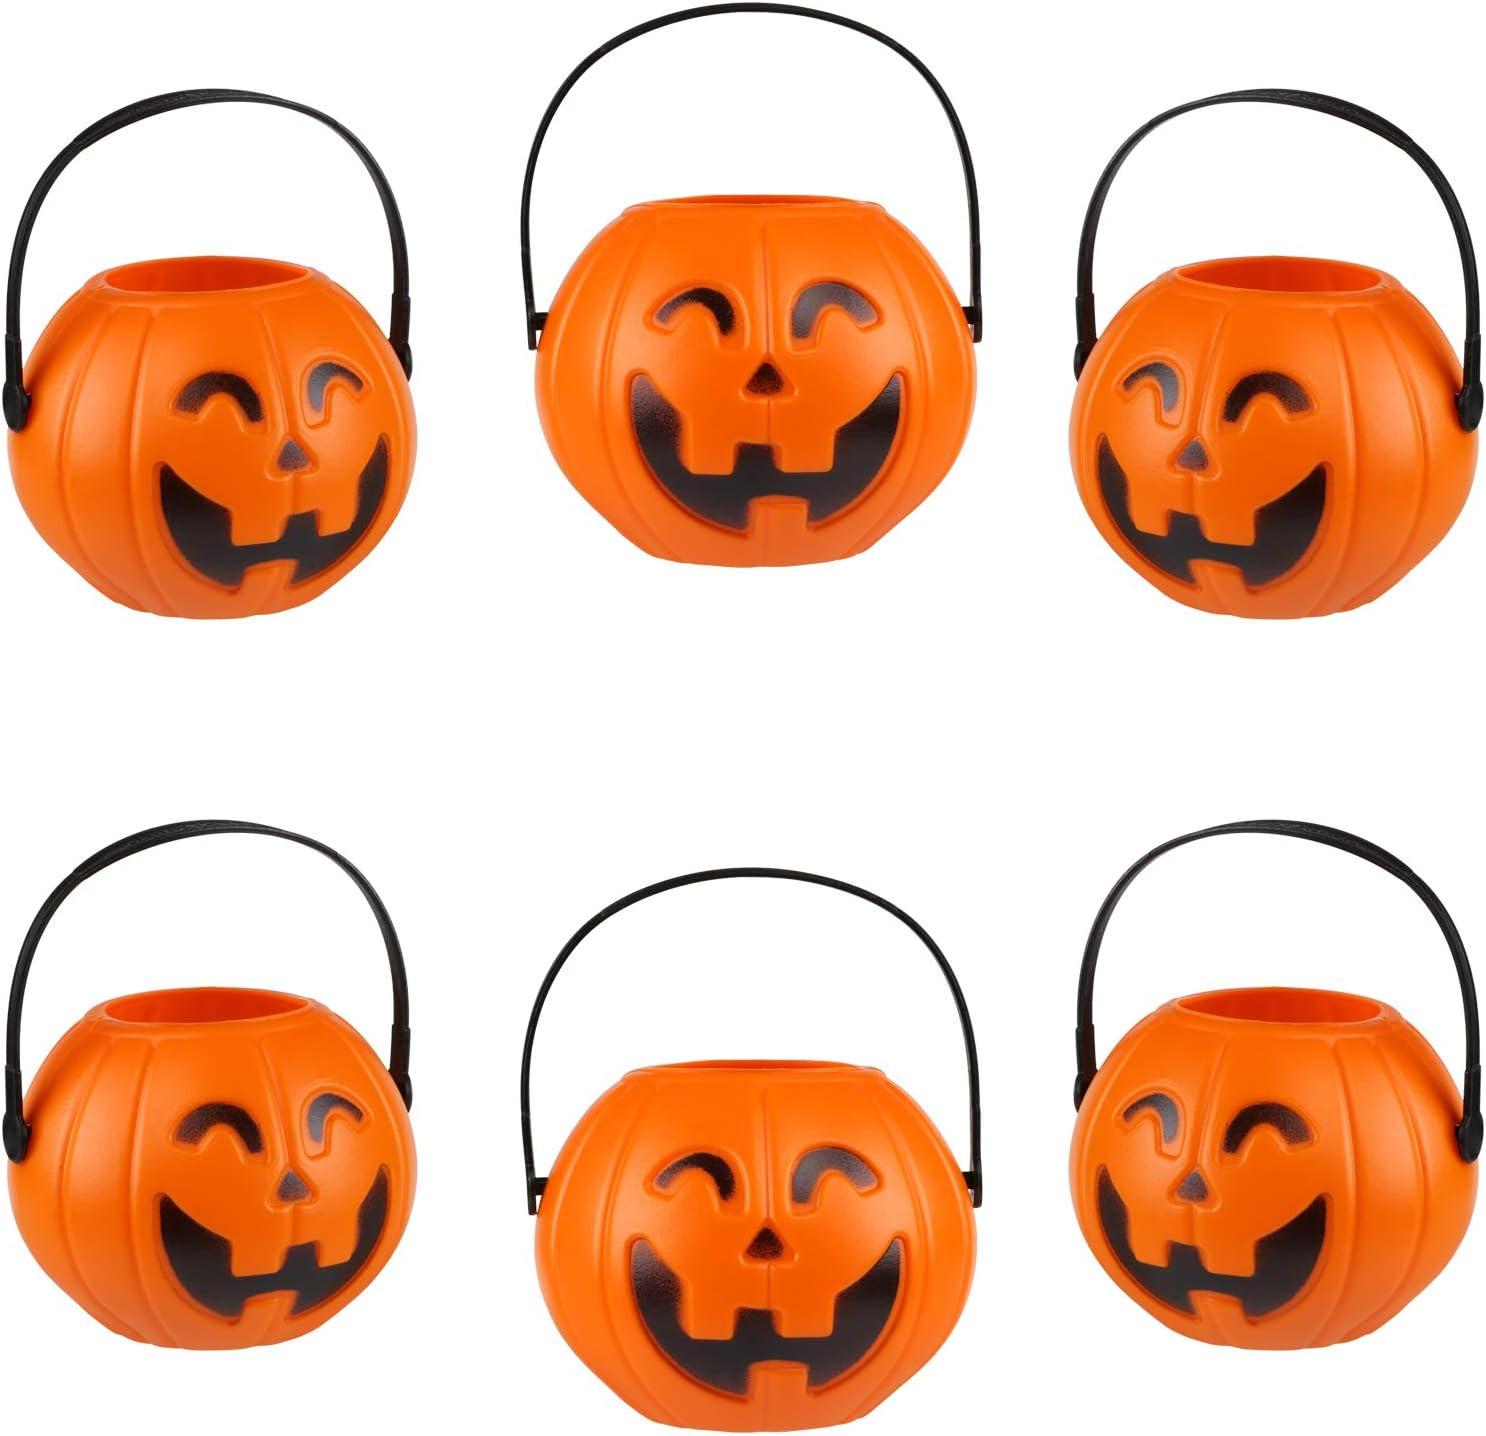 Kesote Cesta en Forma de Calabaza Mini Conteniotre de Dulces Zcucca Halloween Plastic, 7CM, 6 Ccestas